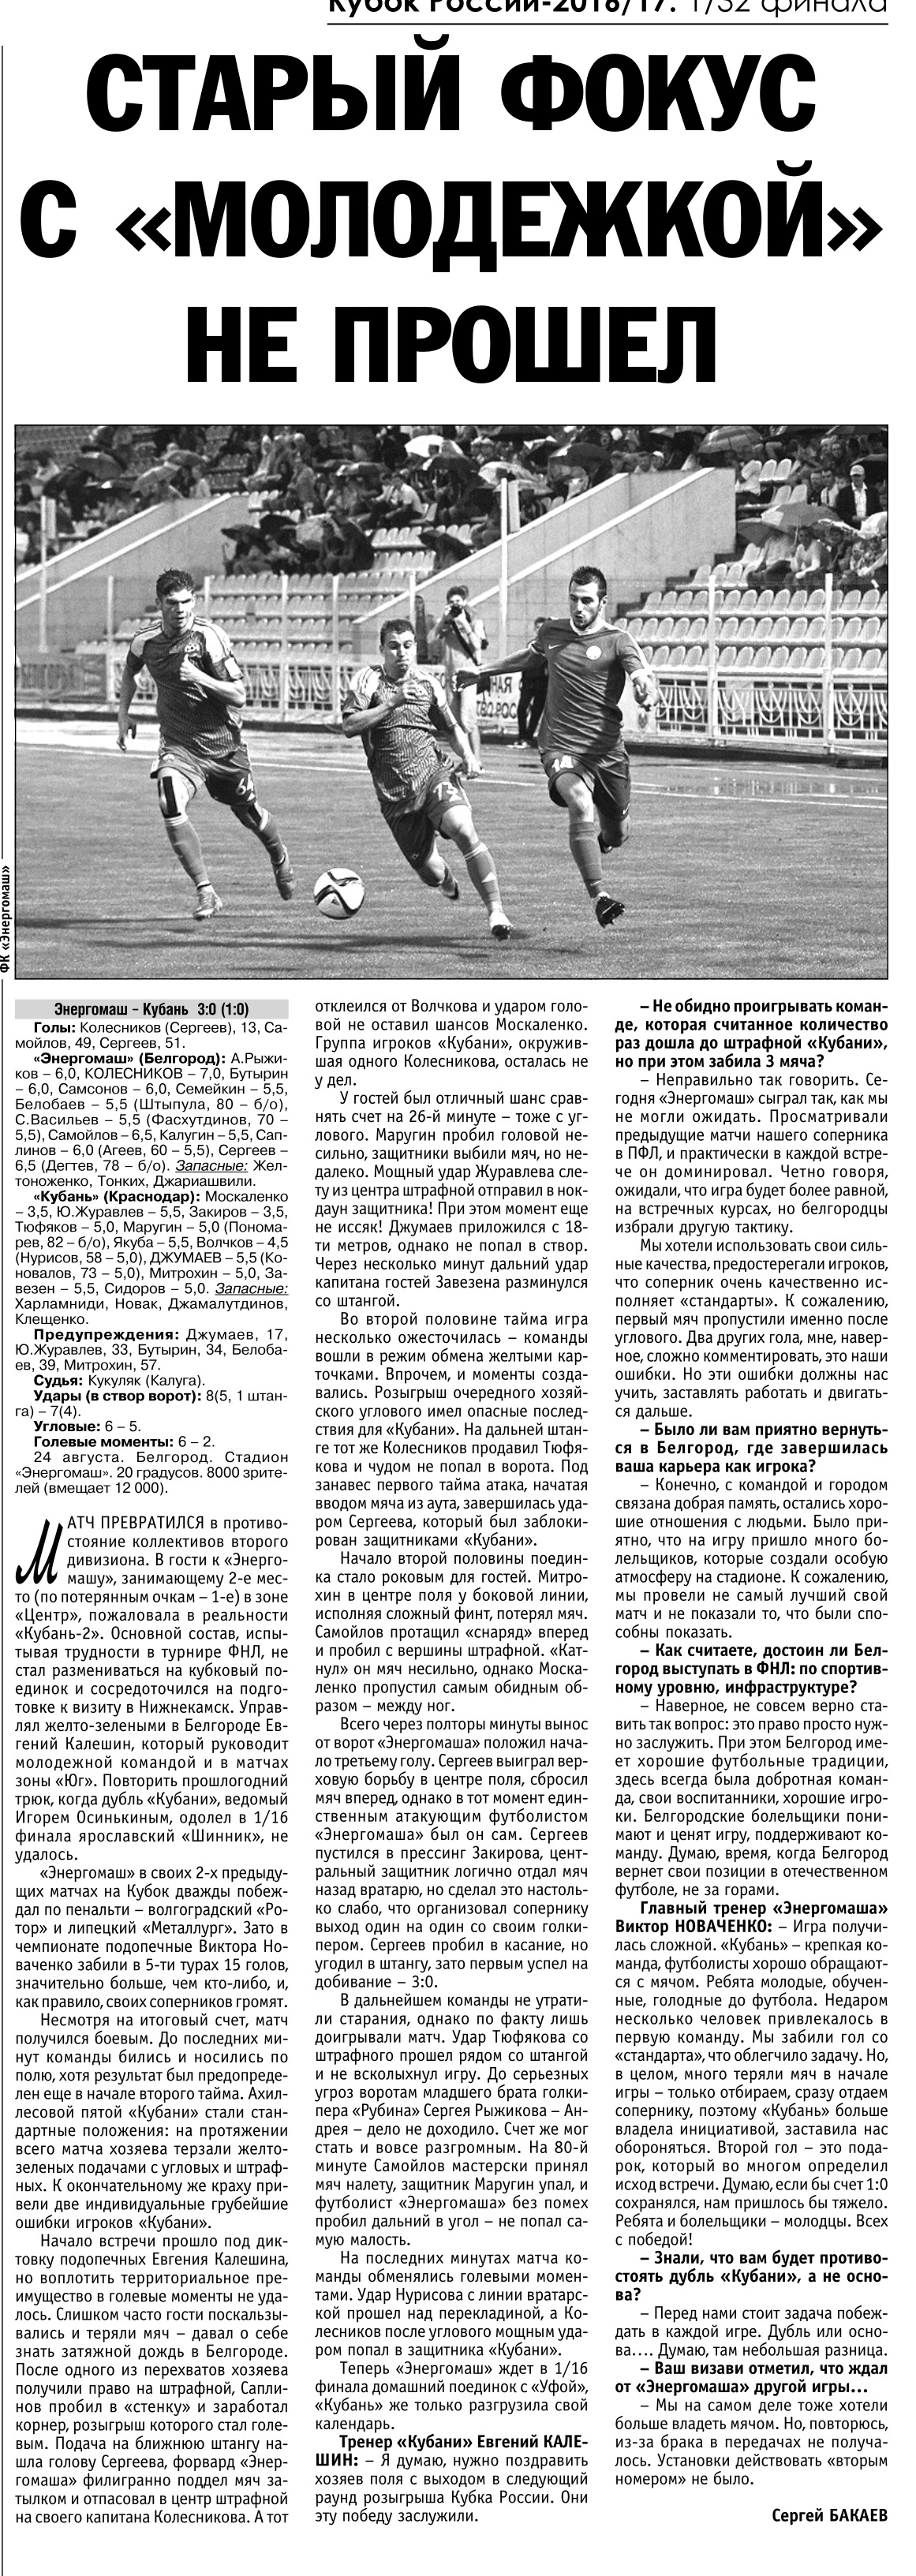 Энергомаш (Белгород) - Кубань (Краснодар) 3:0. Нажмите, чтобы посмотреть истинный размер рисунка